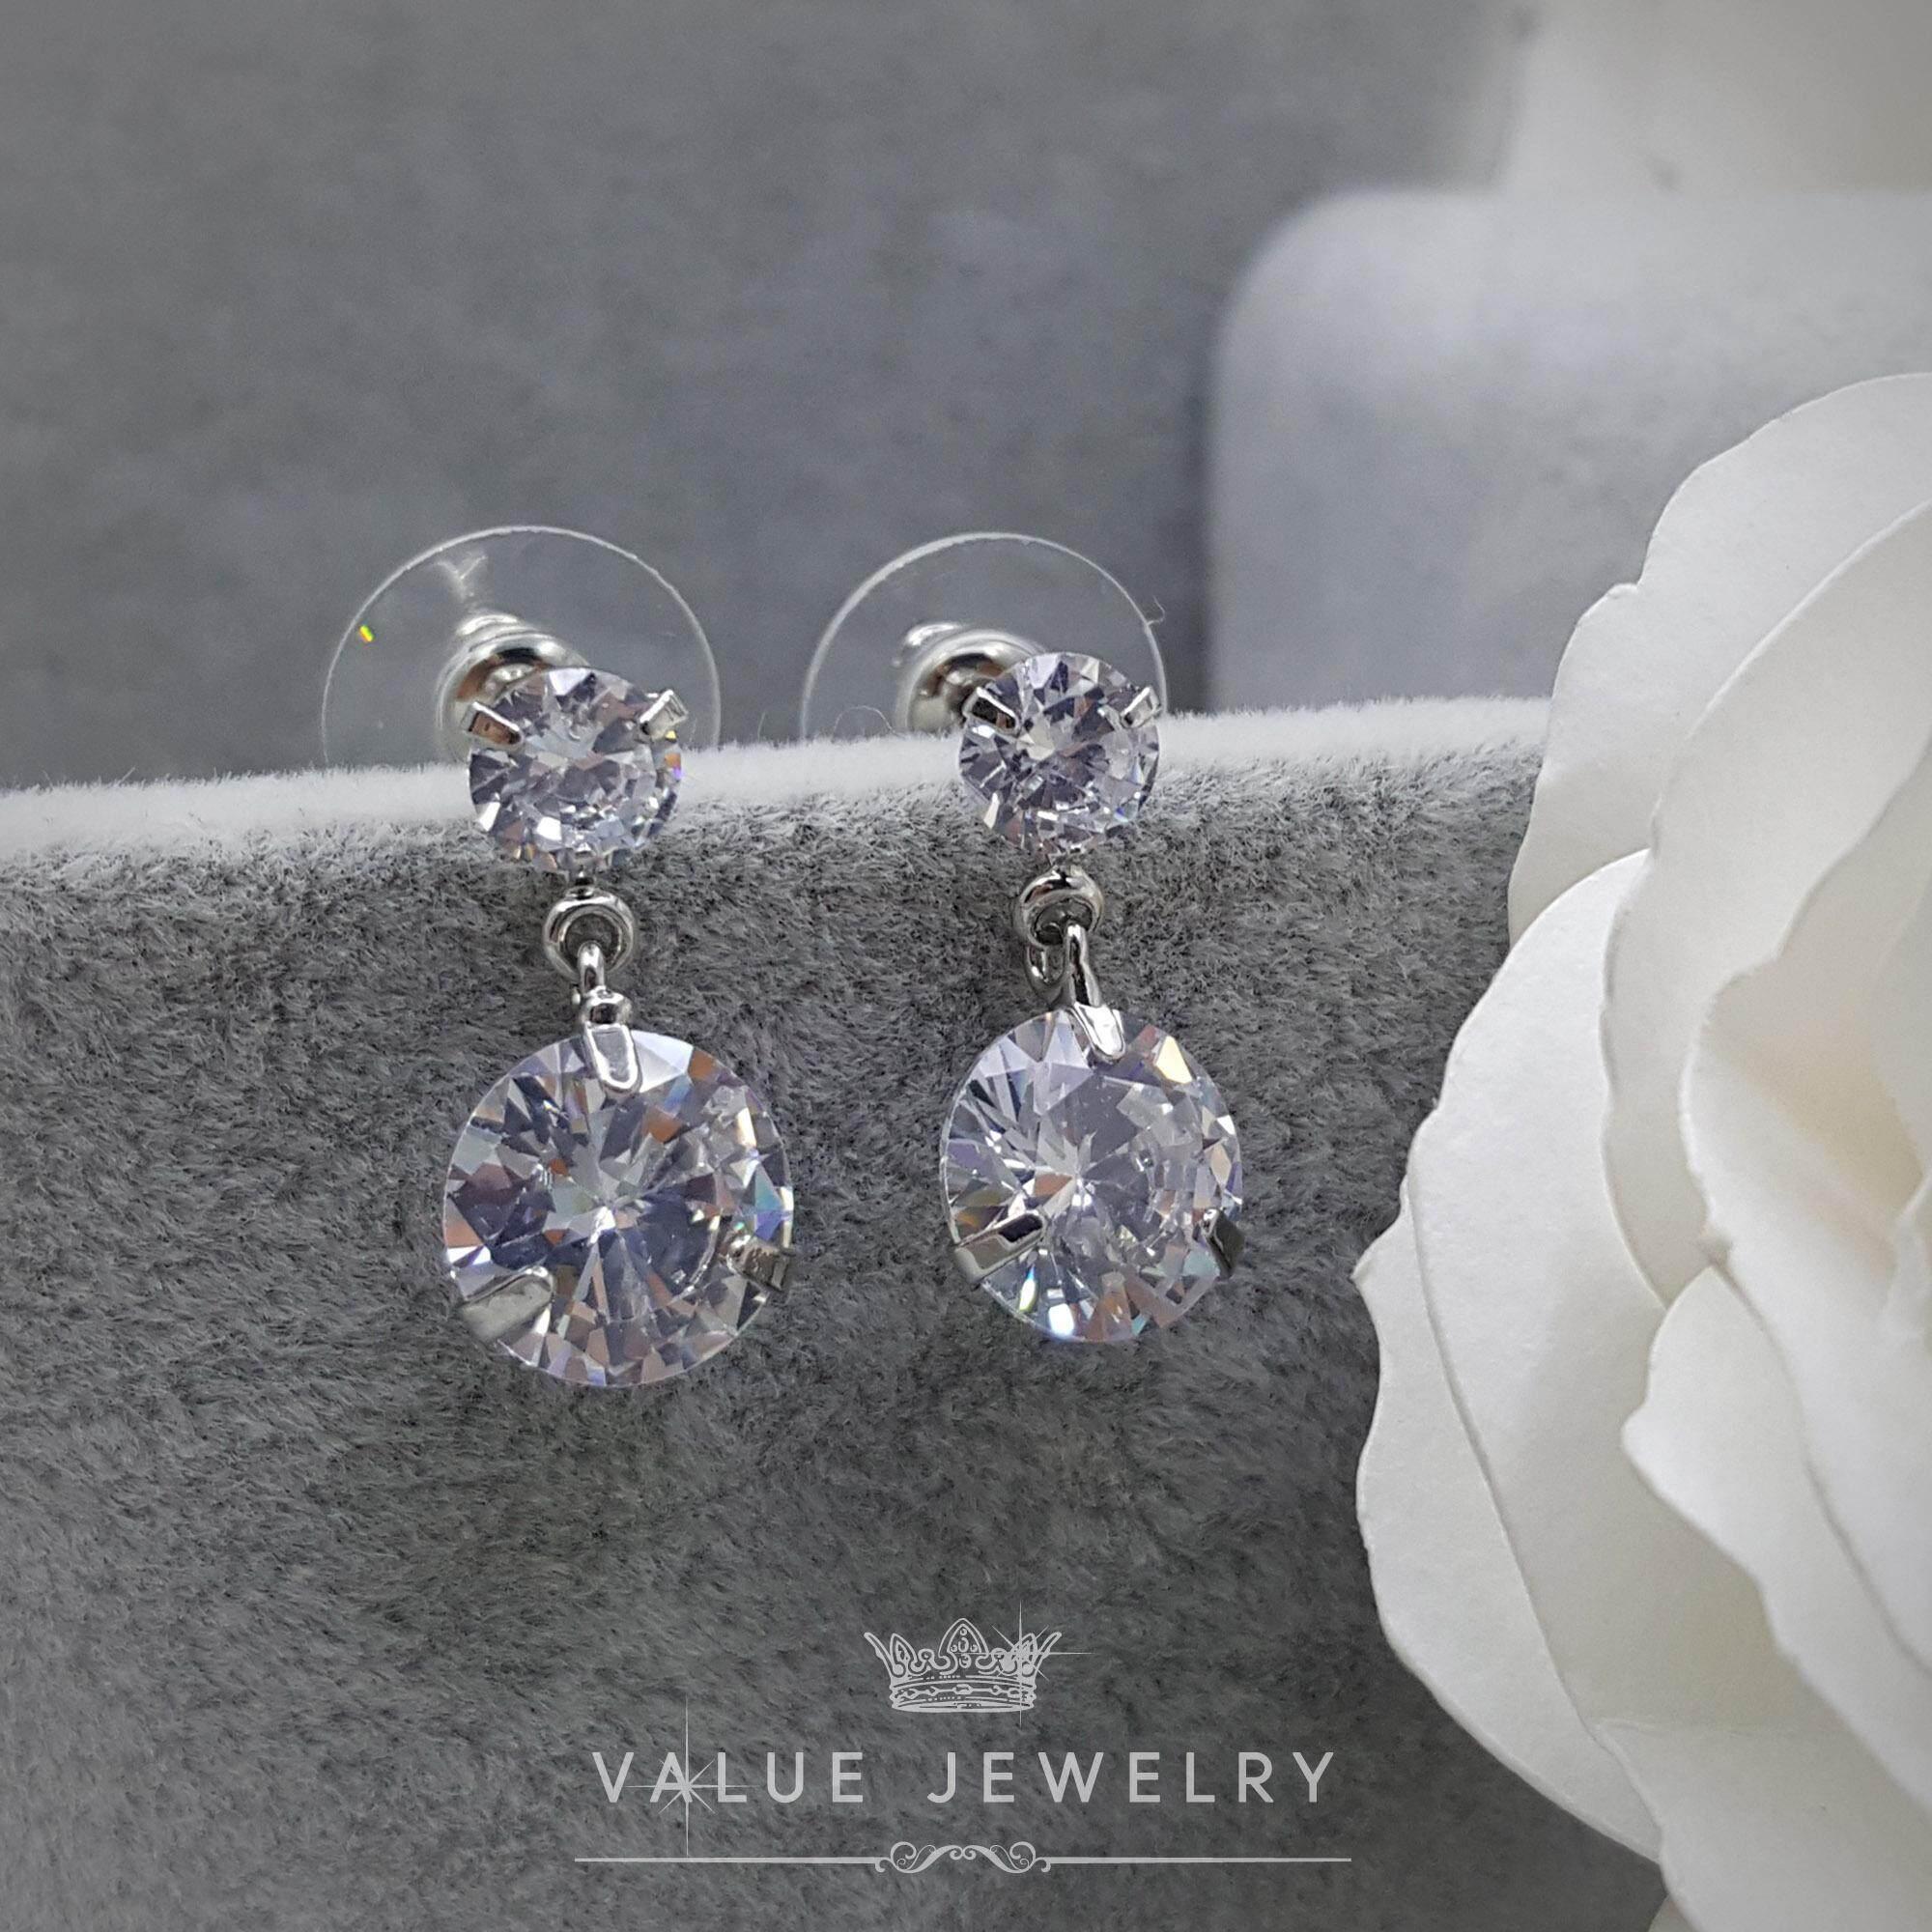 ราคา Value Jewelry ต่างหูแฟชั่นประดับเพชร Cz รุ่น Er2148 White Gold Plated เป็นต้นฉบับ